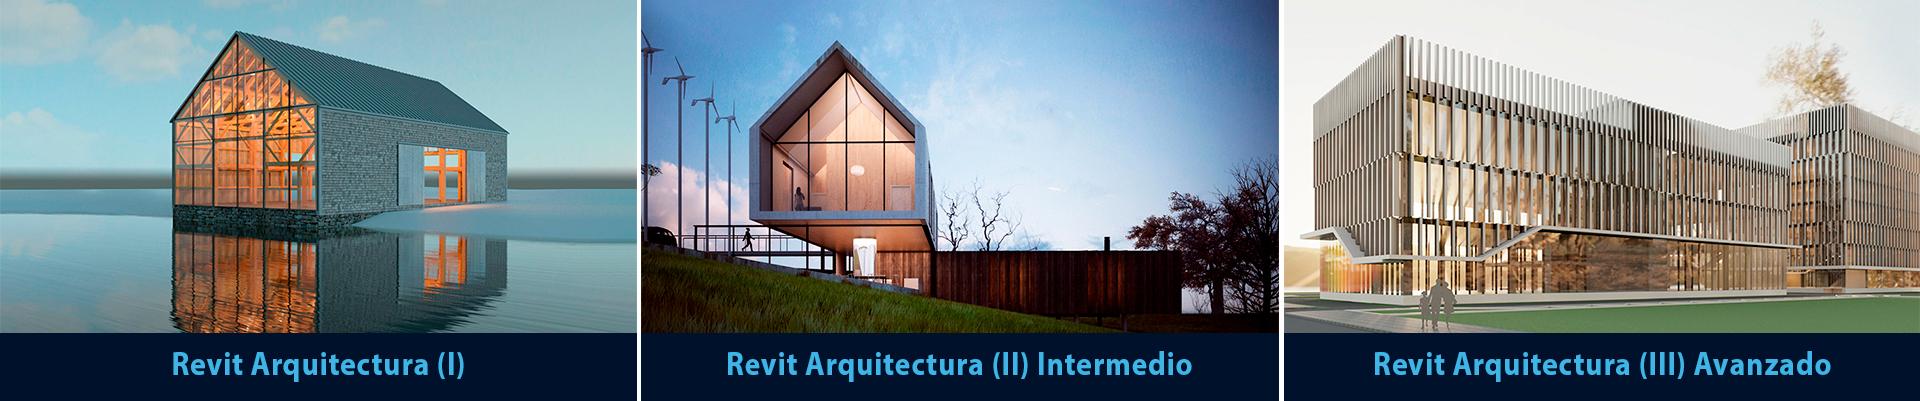 imagen-pack-cursos-revit-arquitectura